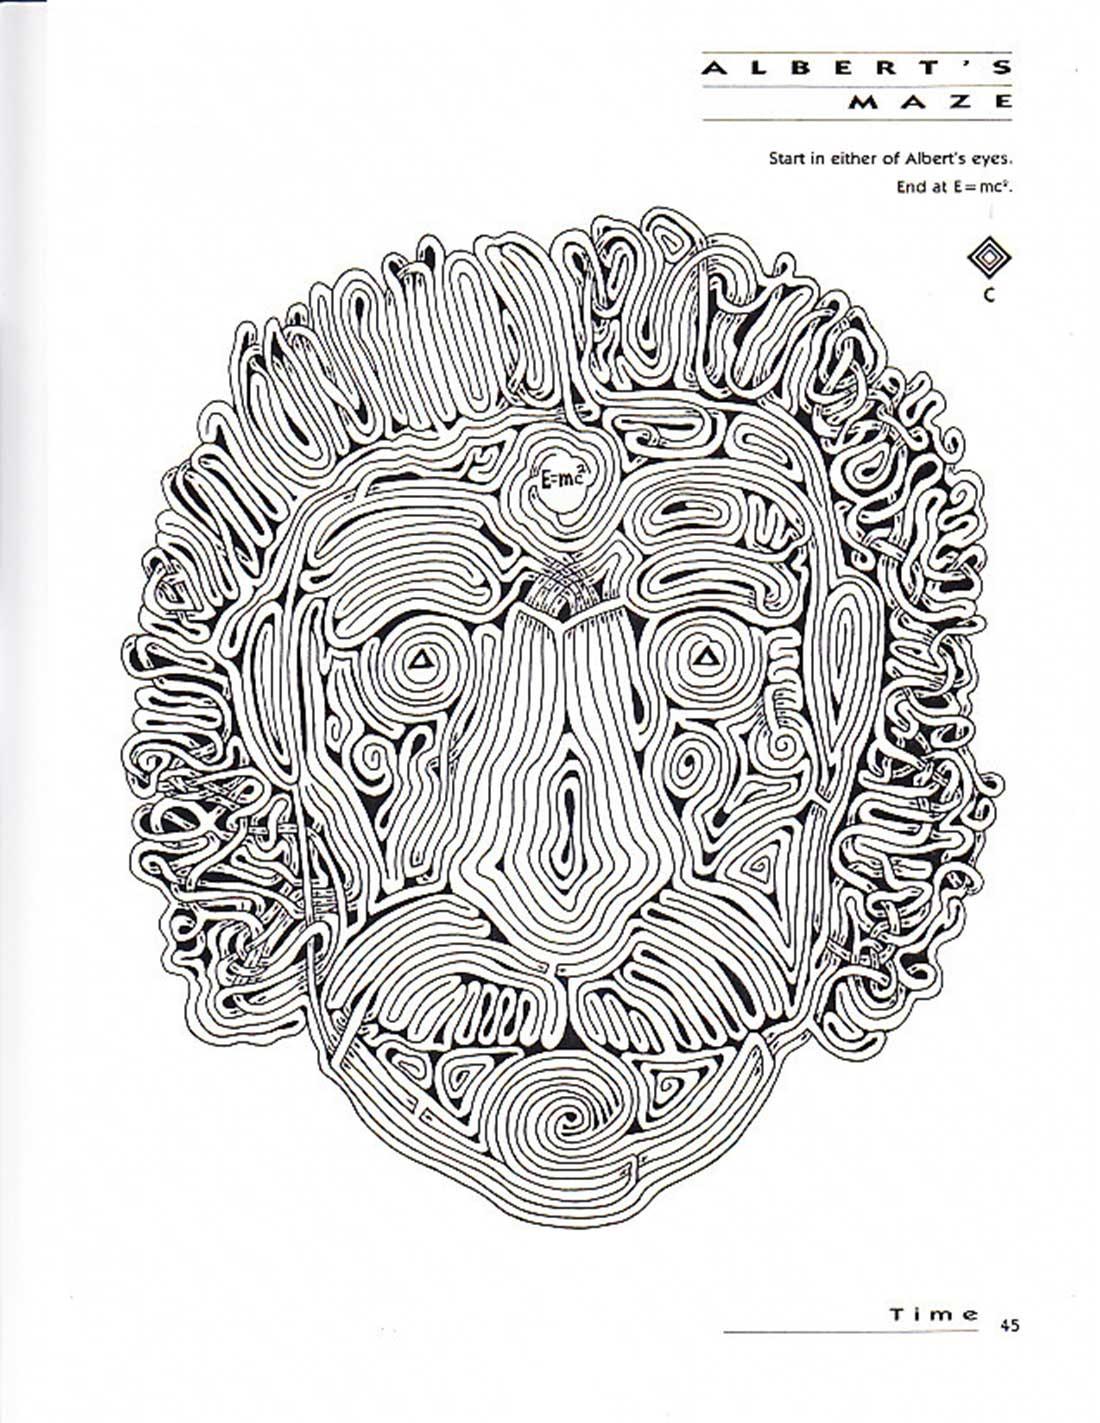 David Russo / Einstein Portrait / S+S Mazemaster Book Series